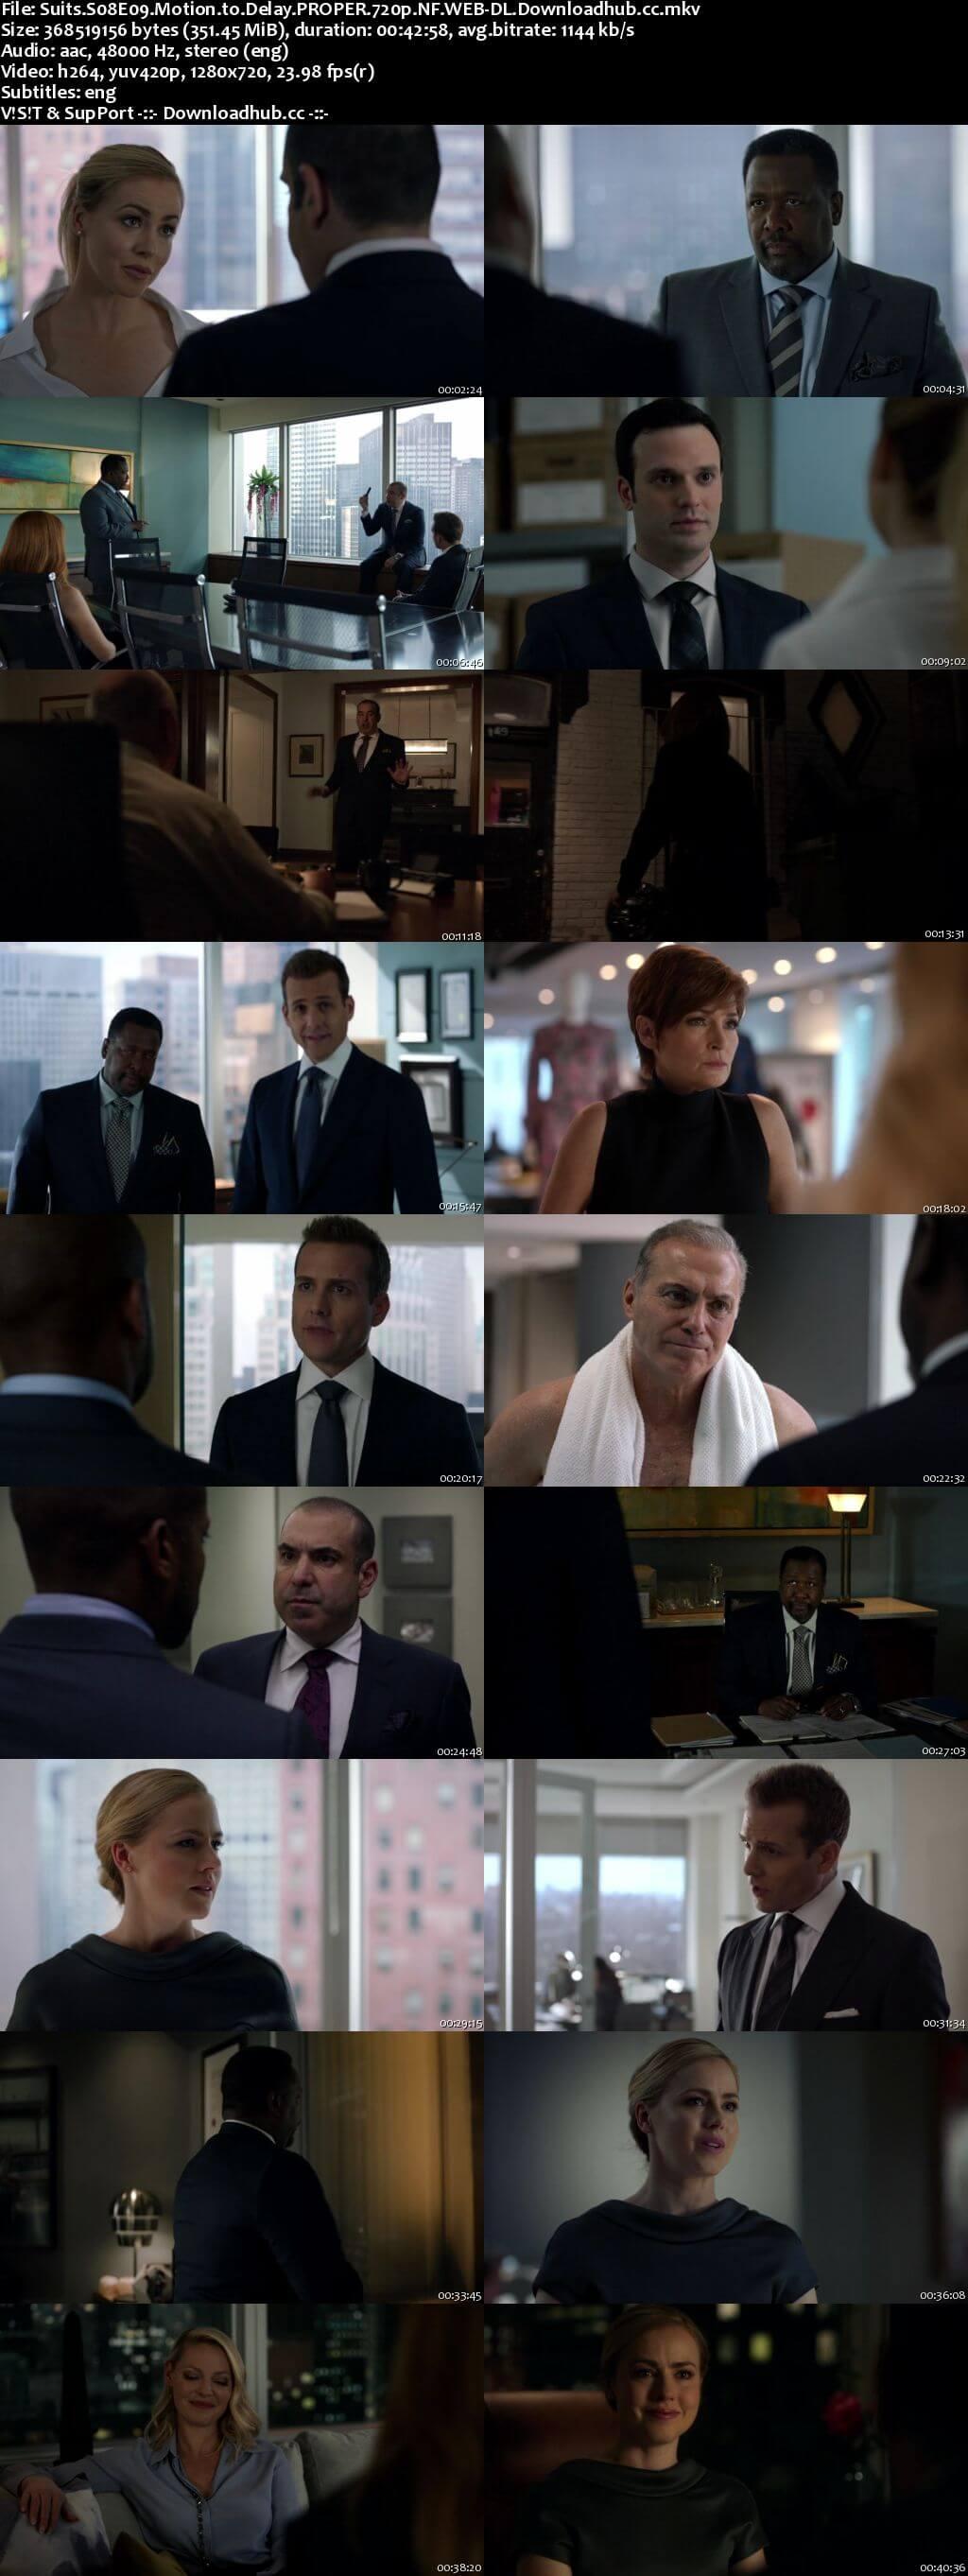 Suits S08E09 350MB Web-DL 720p x264 ESubs